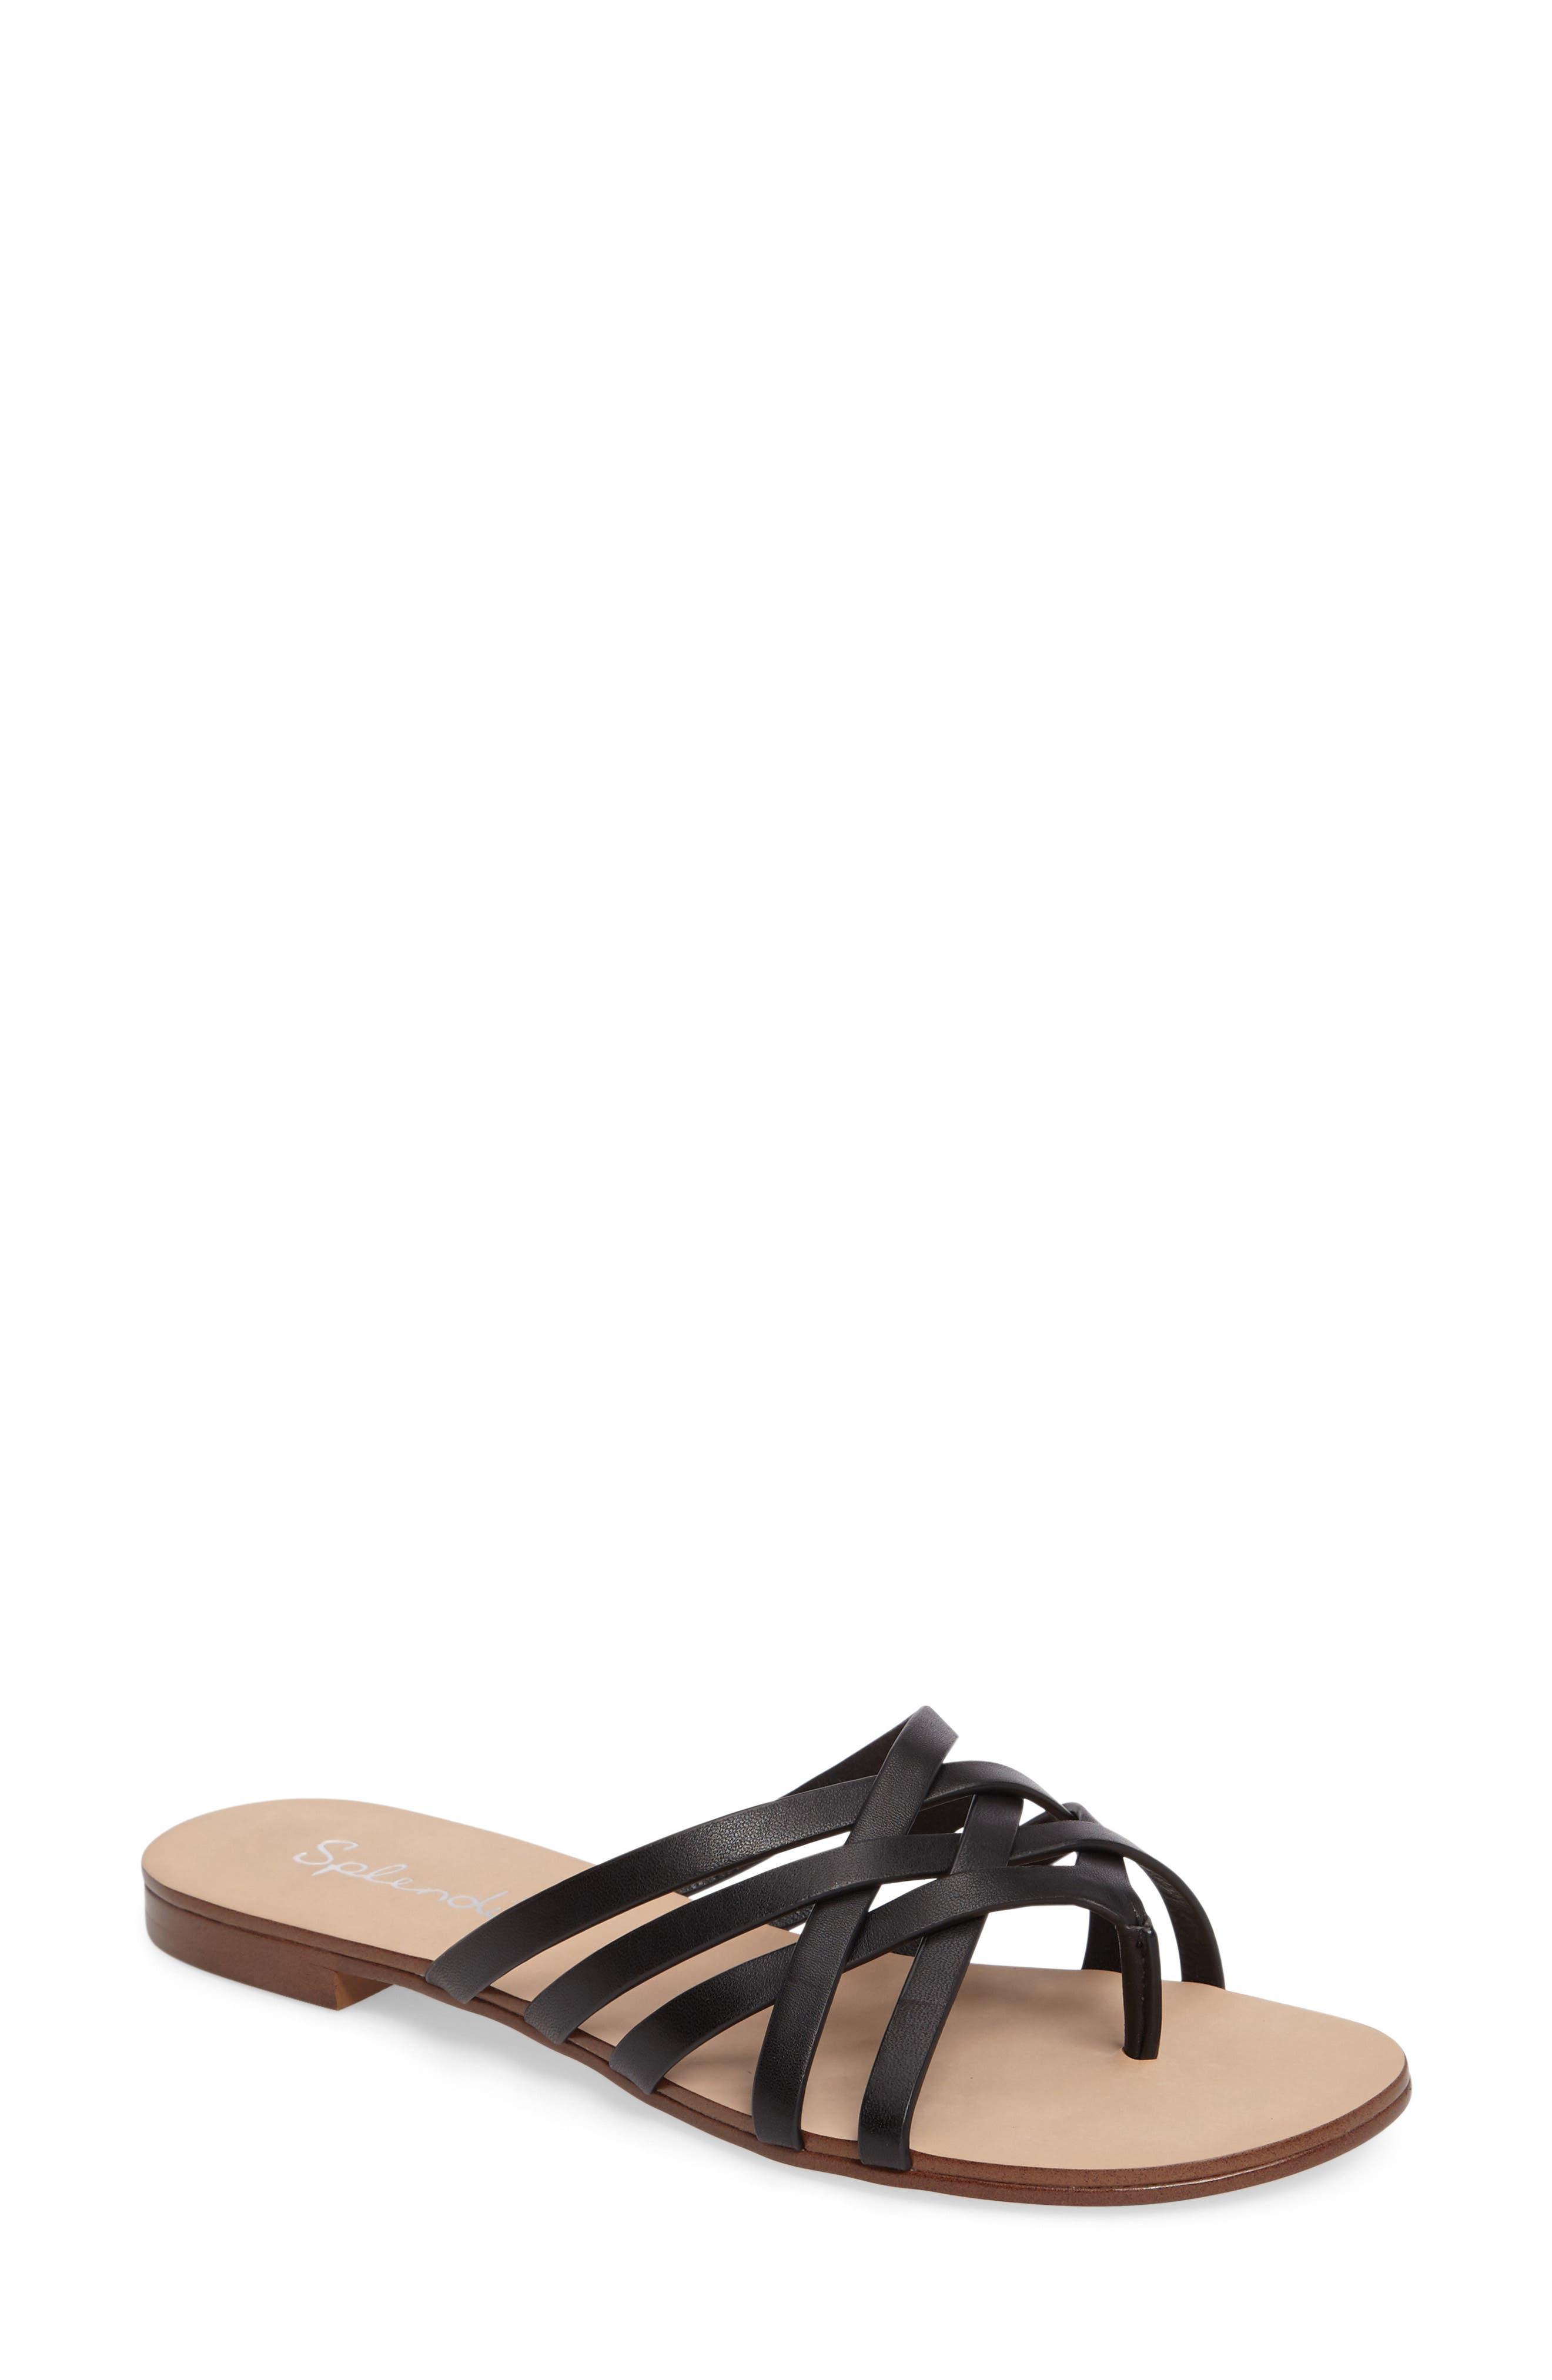 Main Image - Splendid Jojo Slide Sandal (Women)